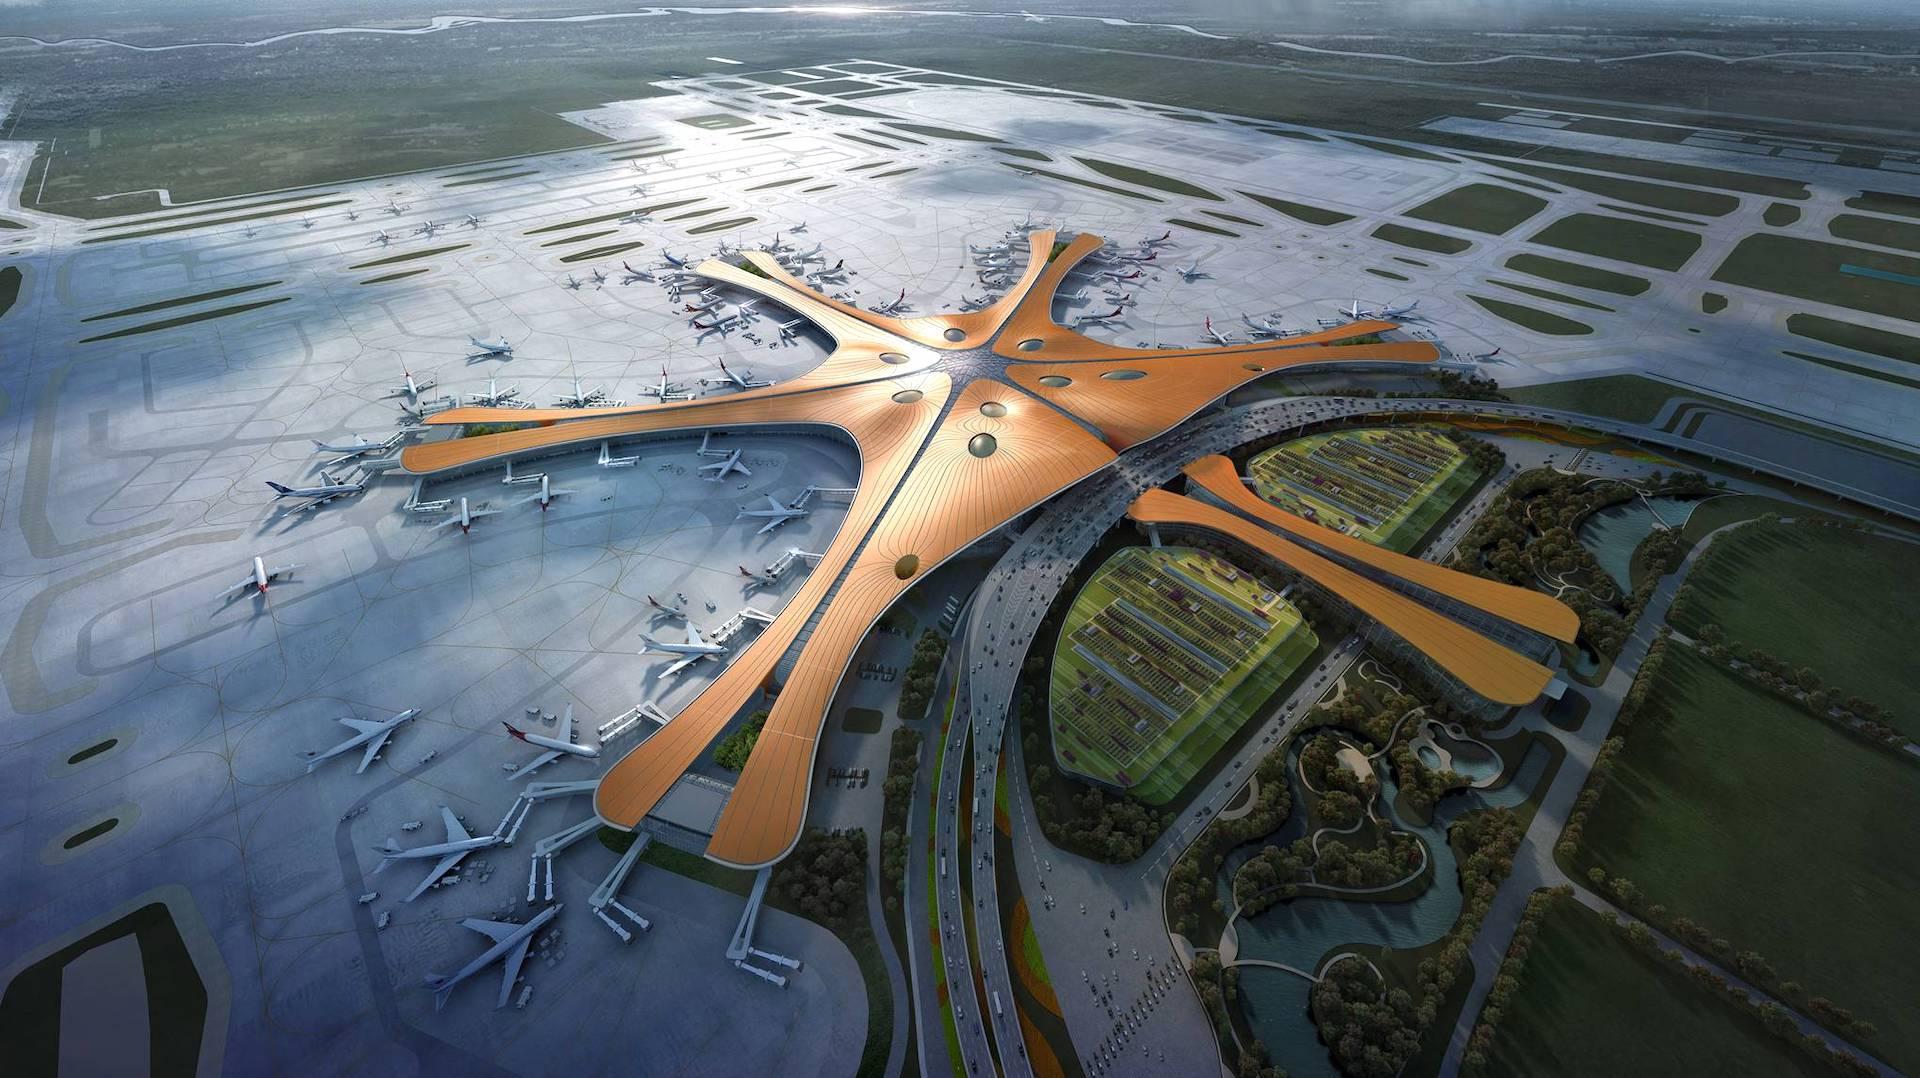 Inauguró el nuevo aeropuerto más grande del mundo: Daxing